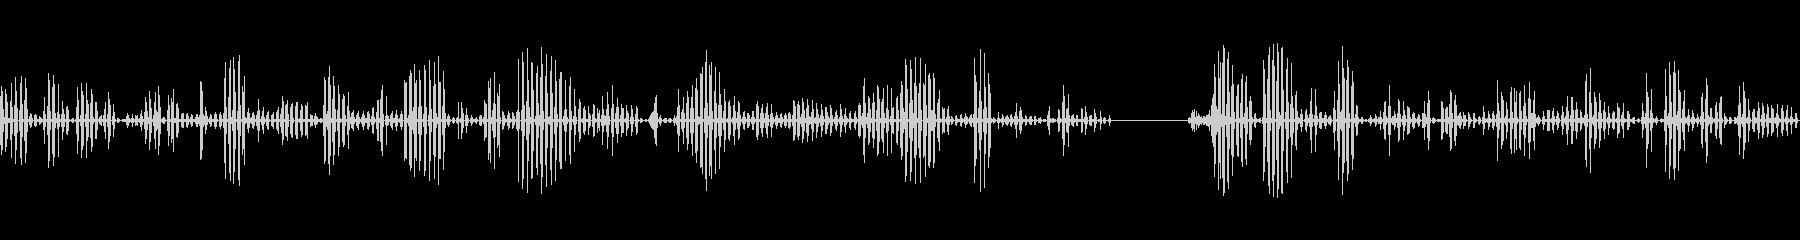 エイリアンクリーチャーマムリング、...の未再生の波形